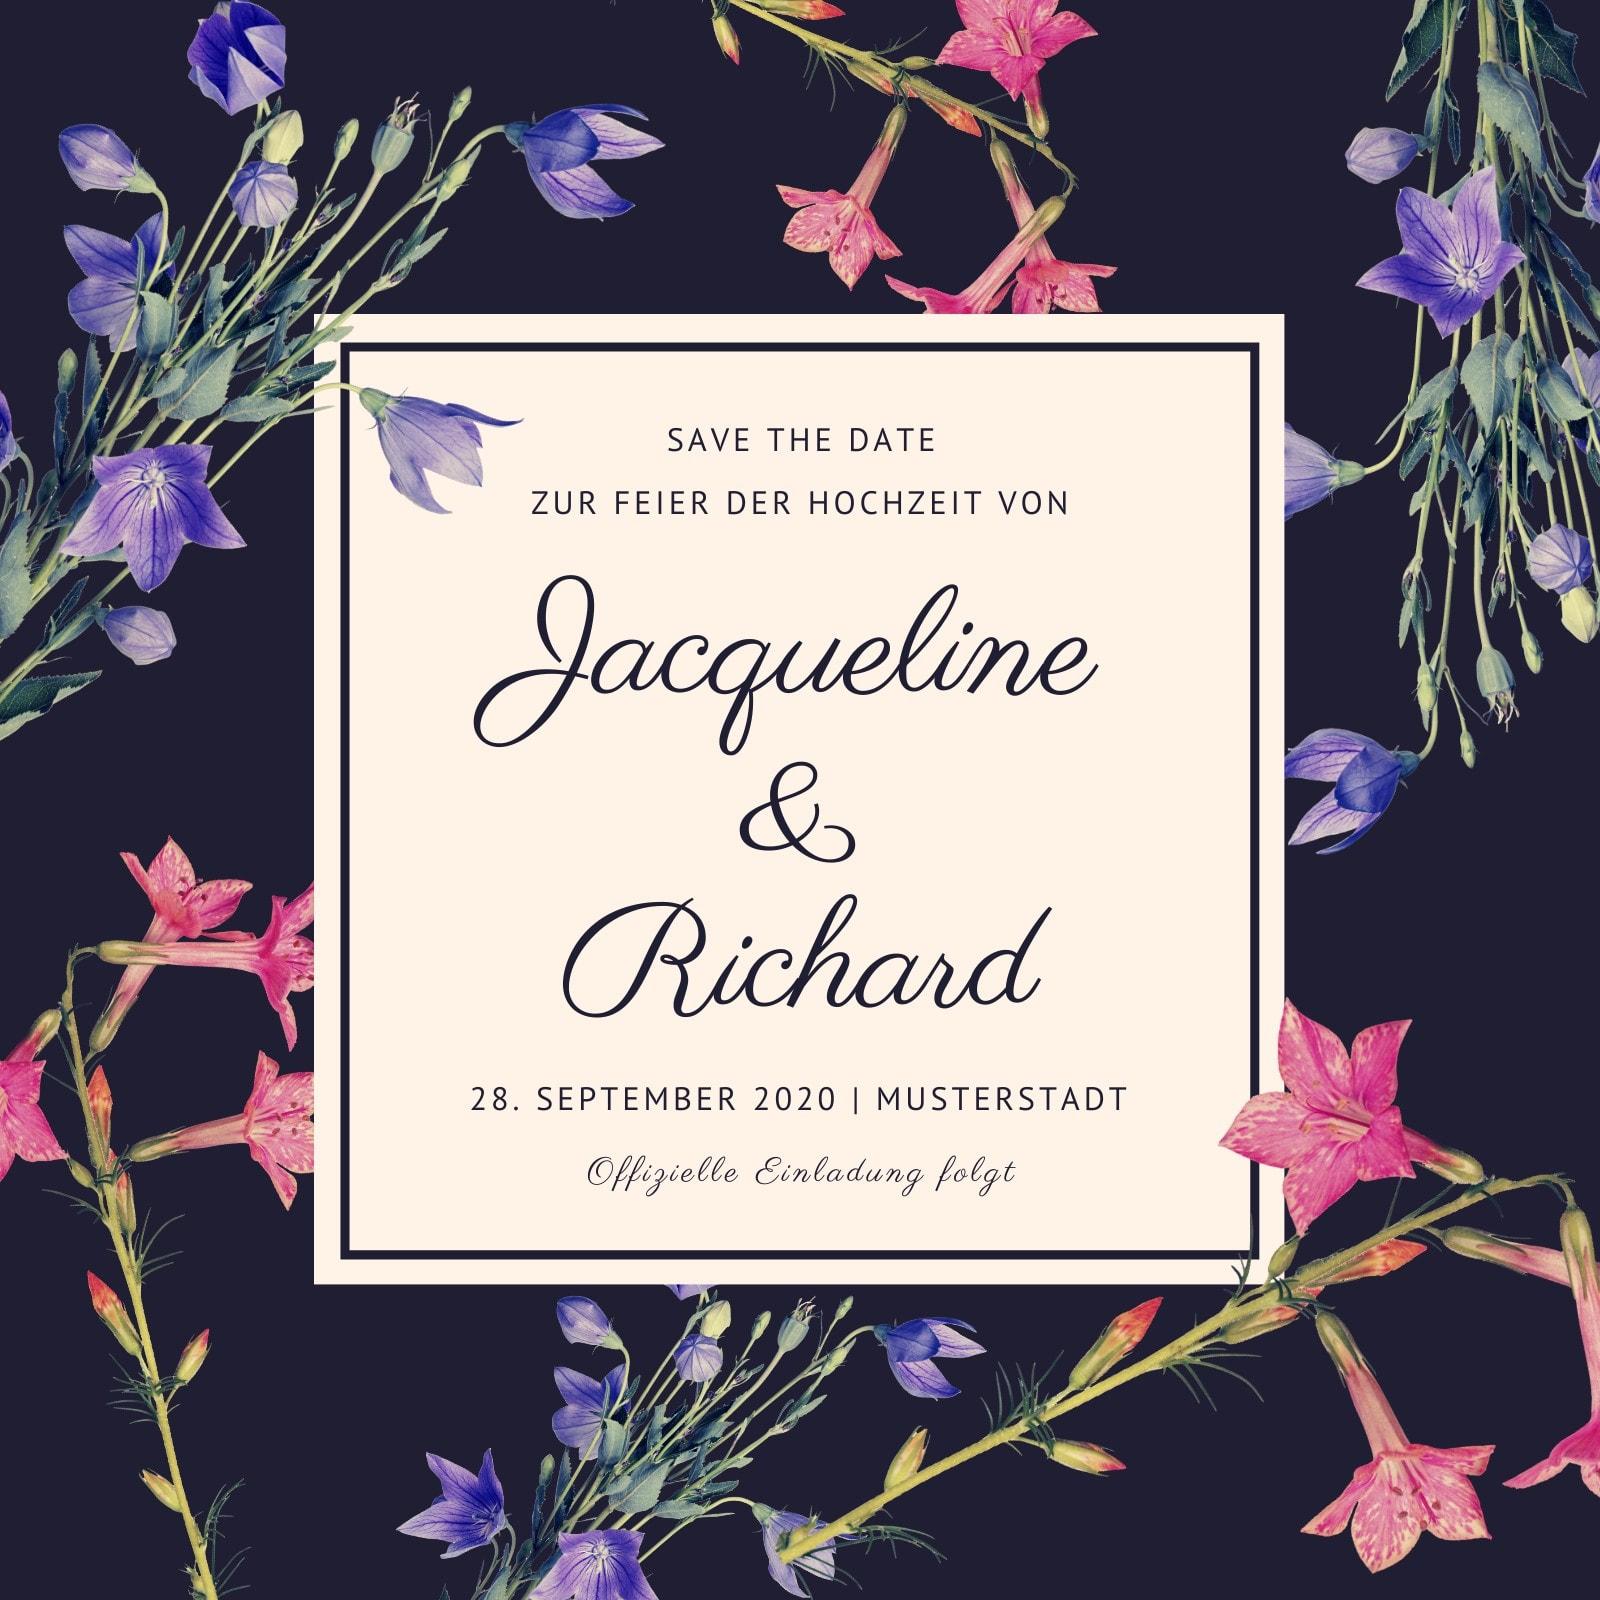 Rosa und Lila Blumen Save the Date Einladung